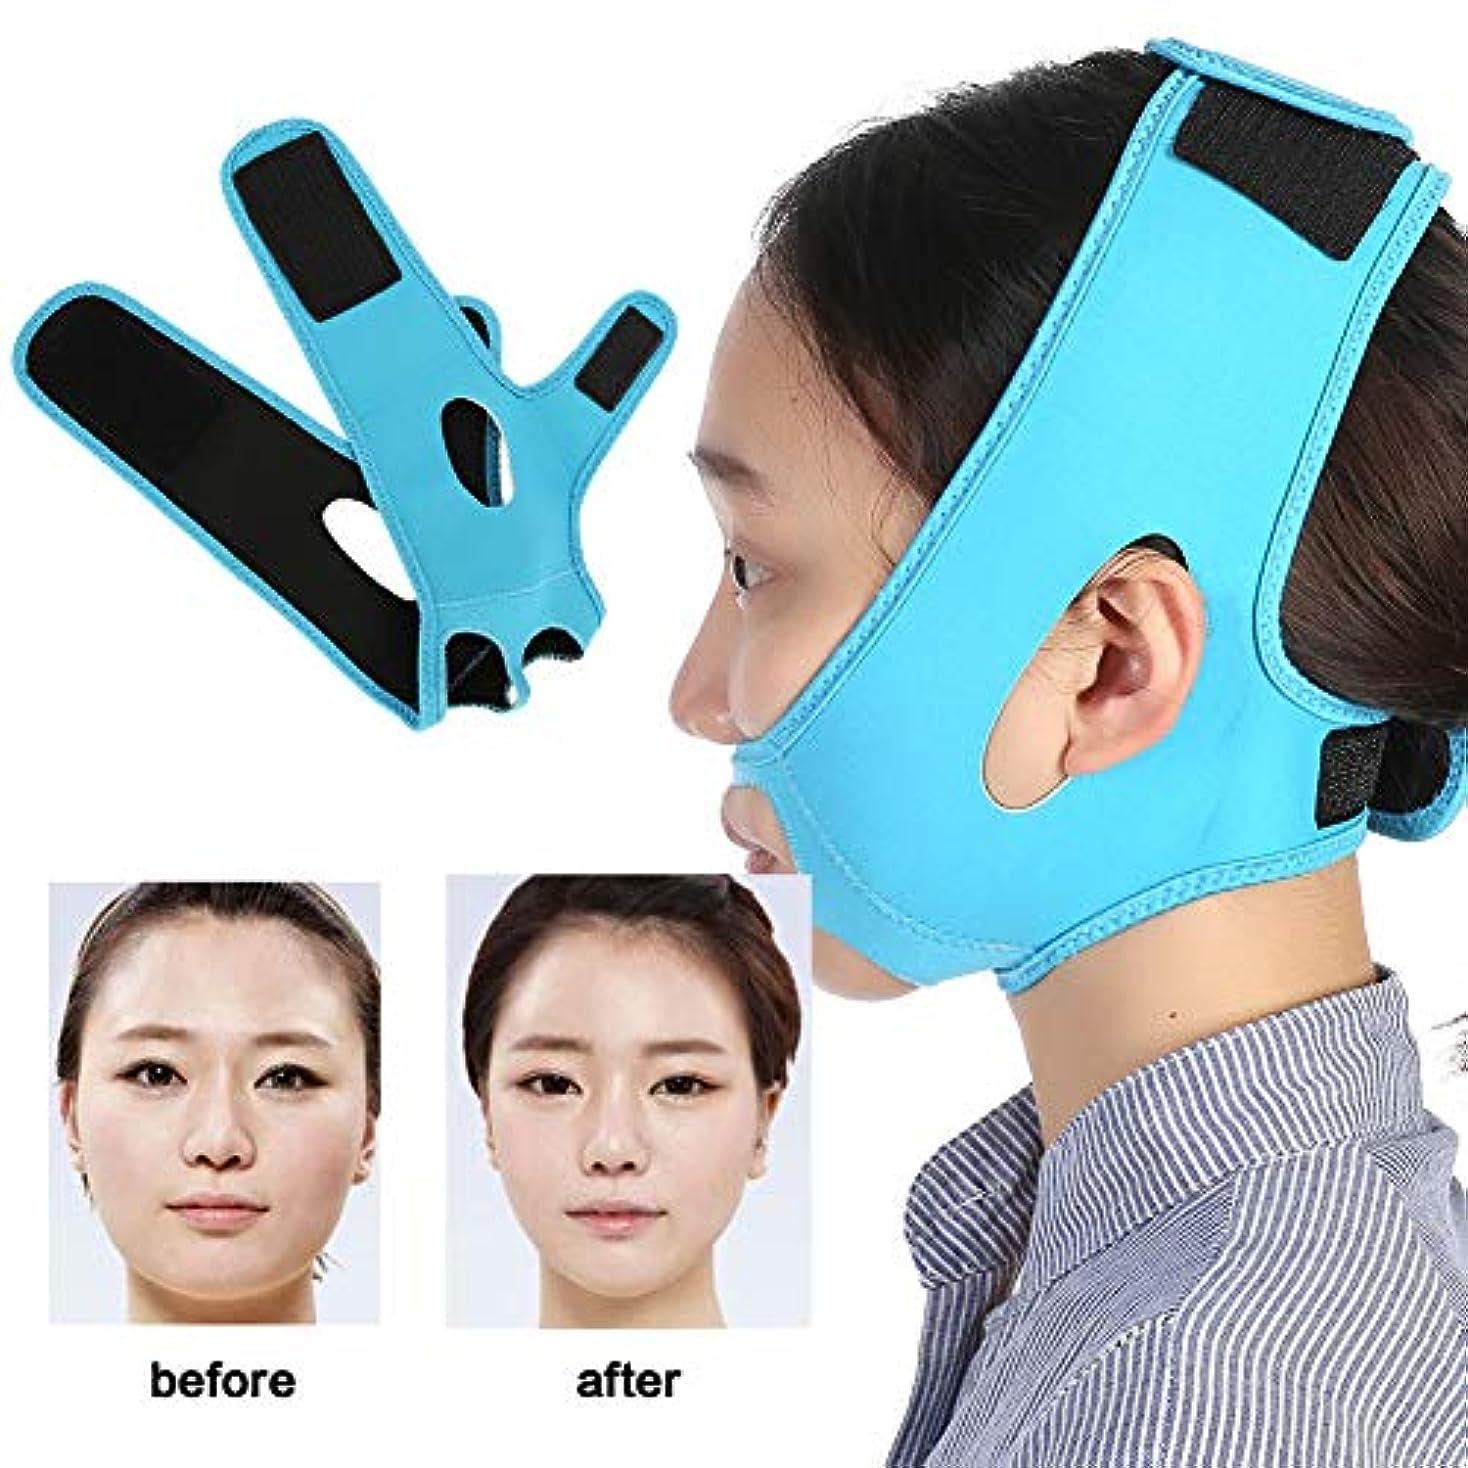 支配的食べる少なくとも顔の輪郭を改善するためのフェイスマスクのスリム化 Vフェイス美容包帯 通気性/伸縮性/非変形性